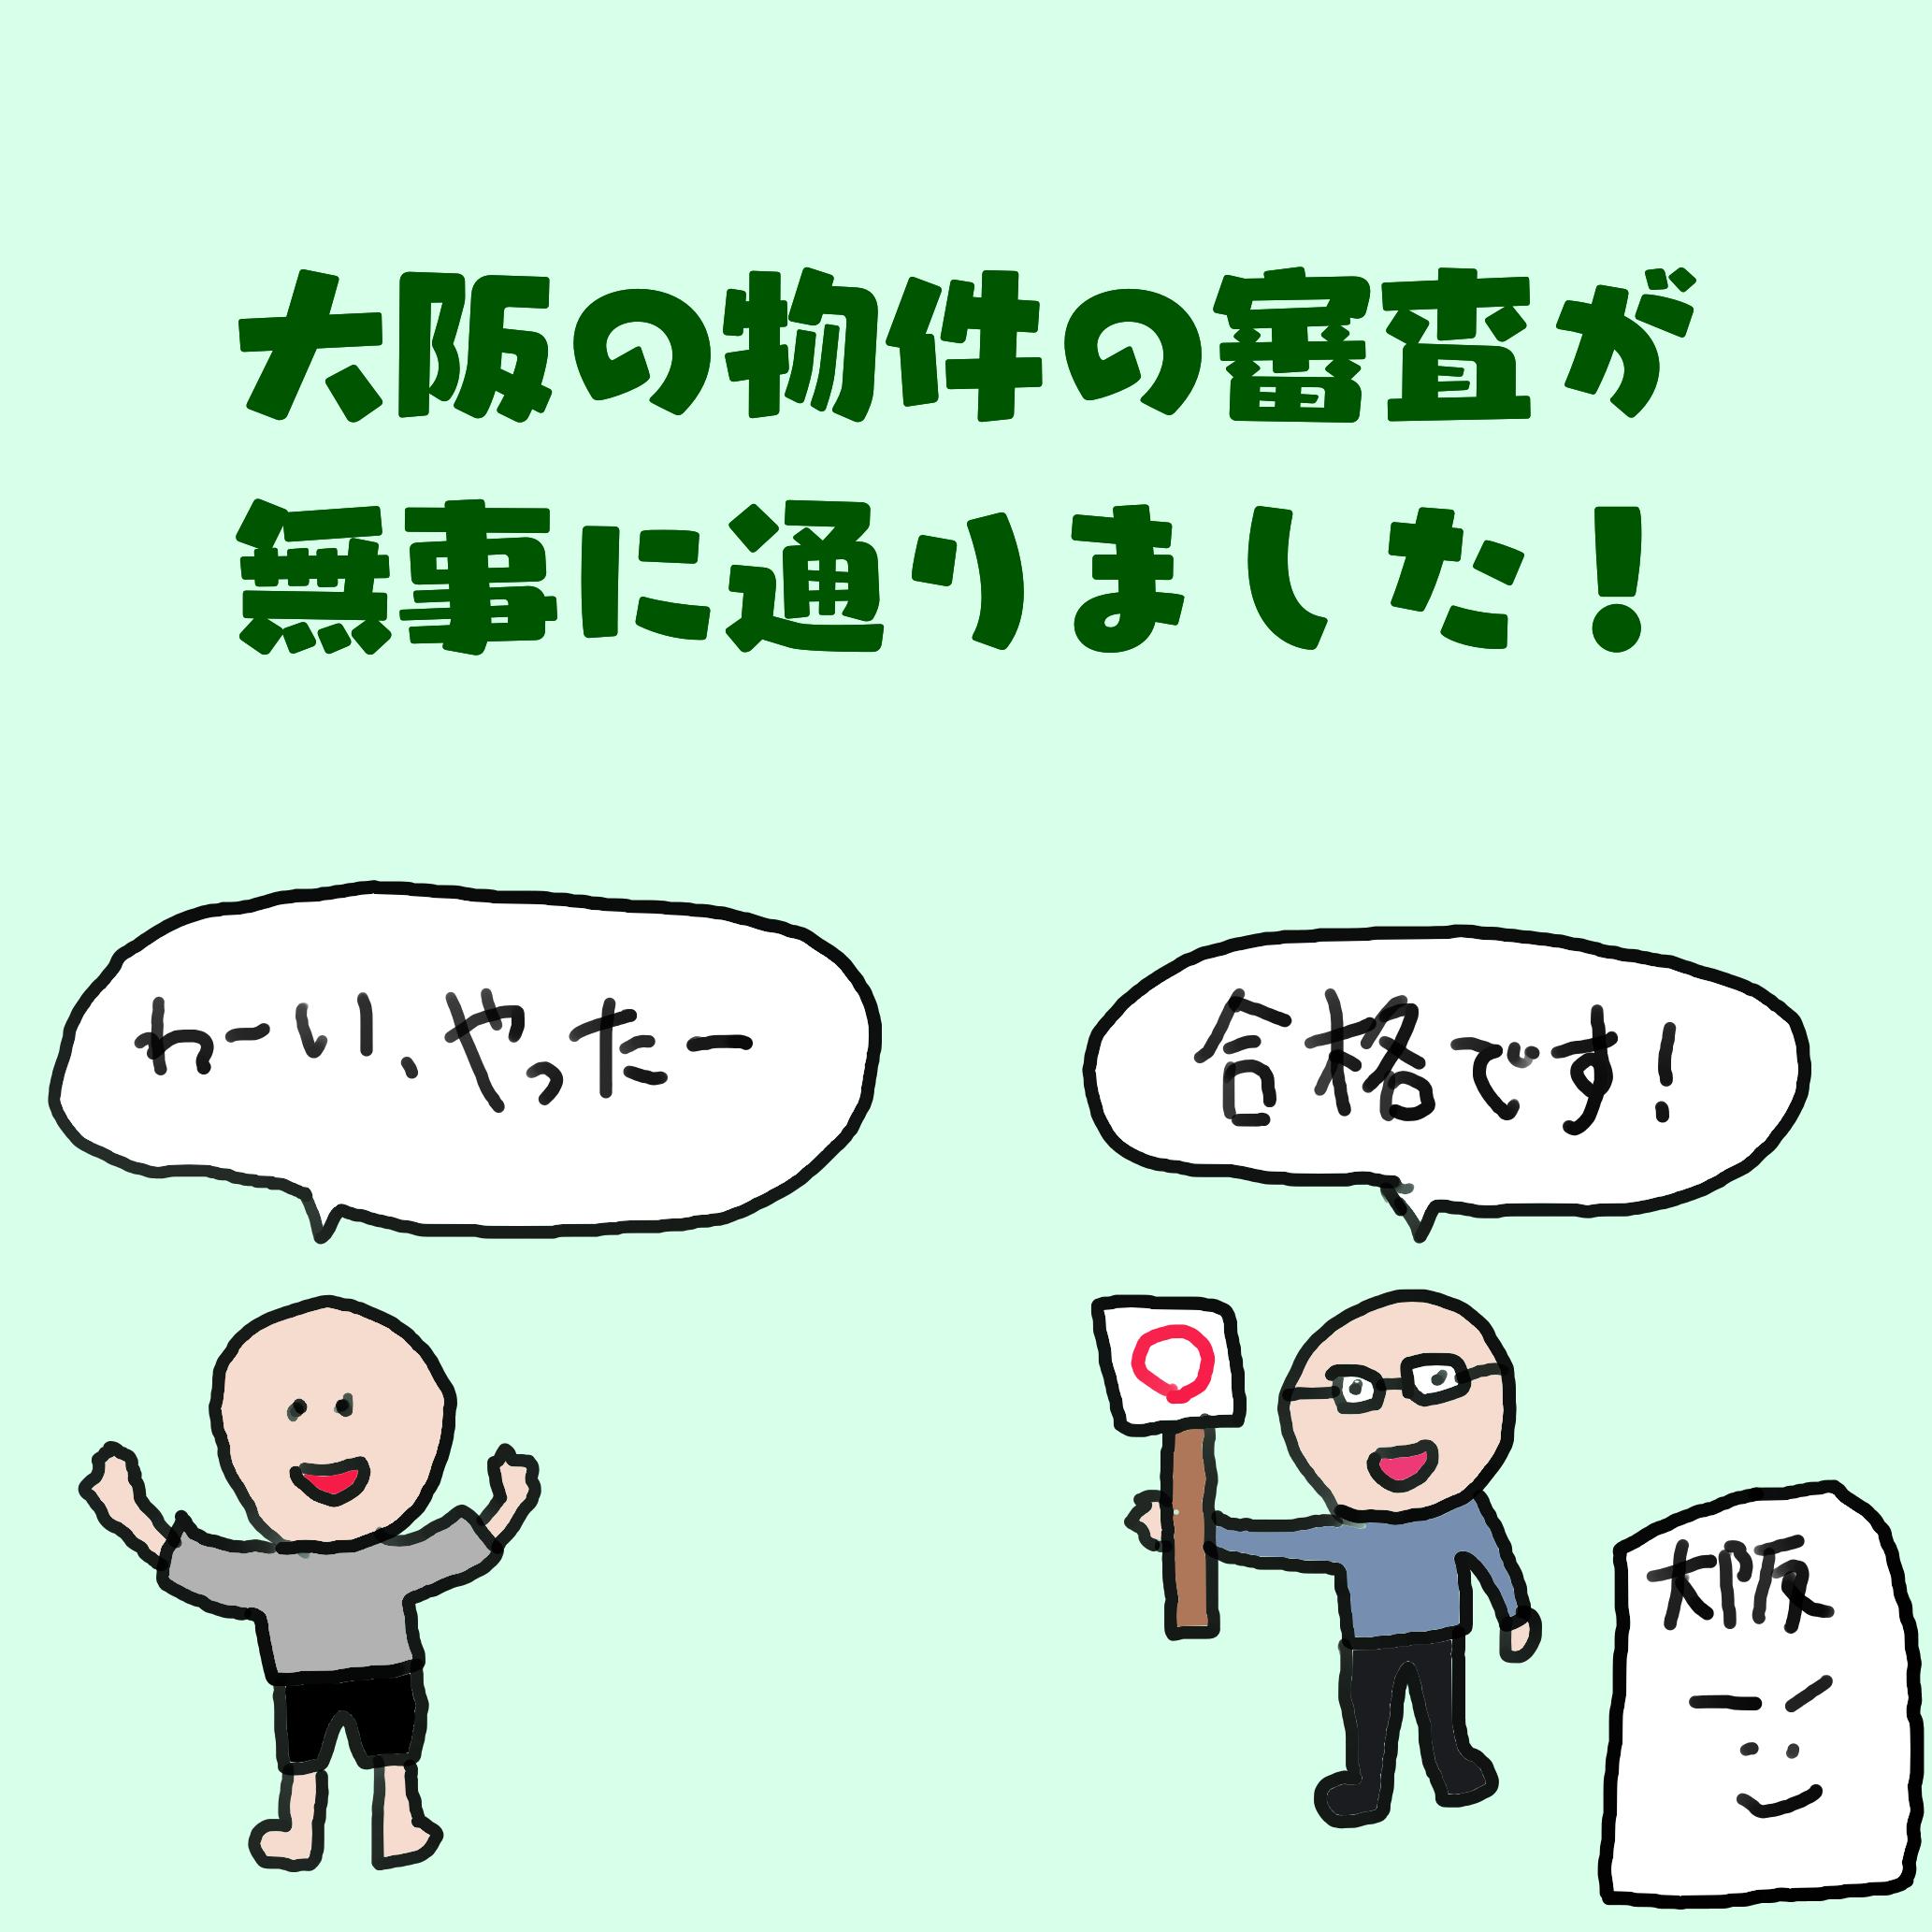 大阪の物件の審査が無事に通りました